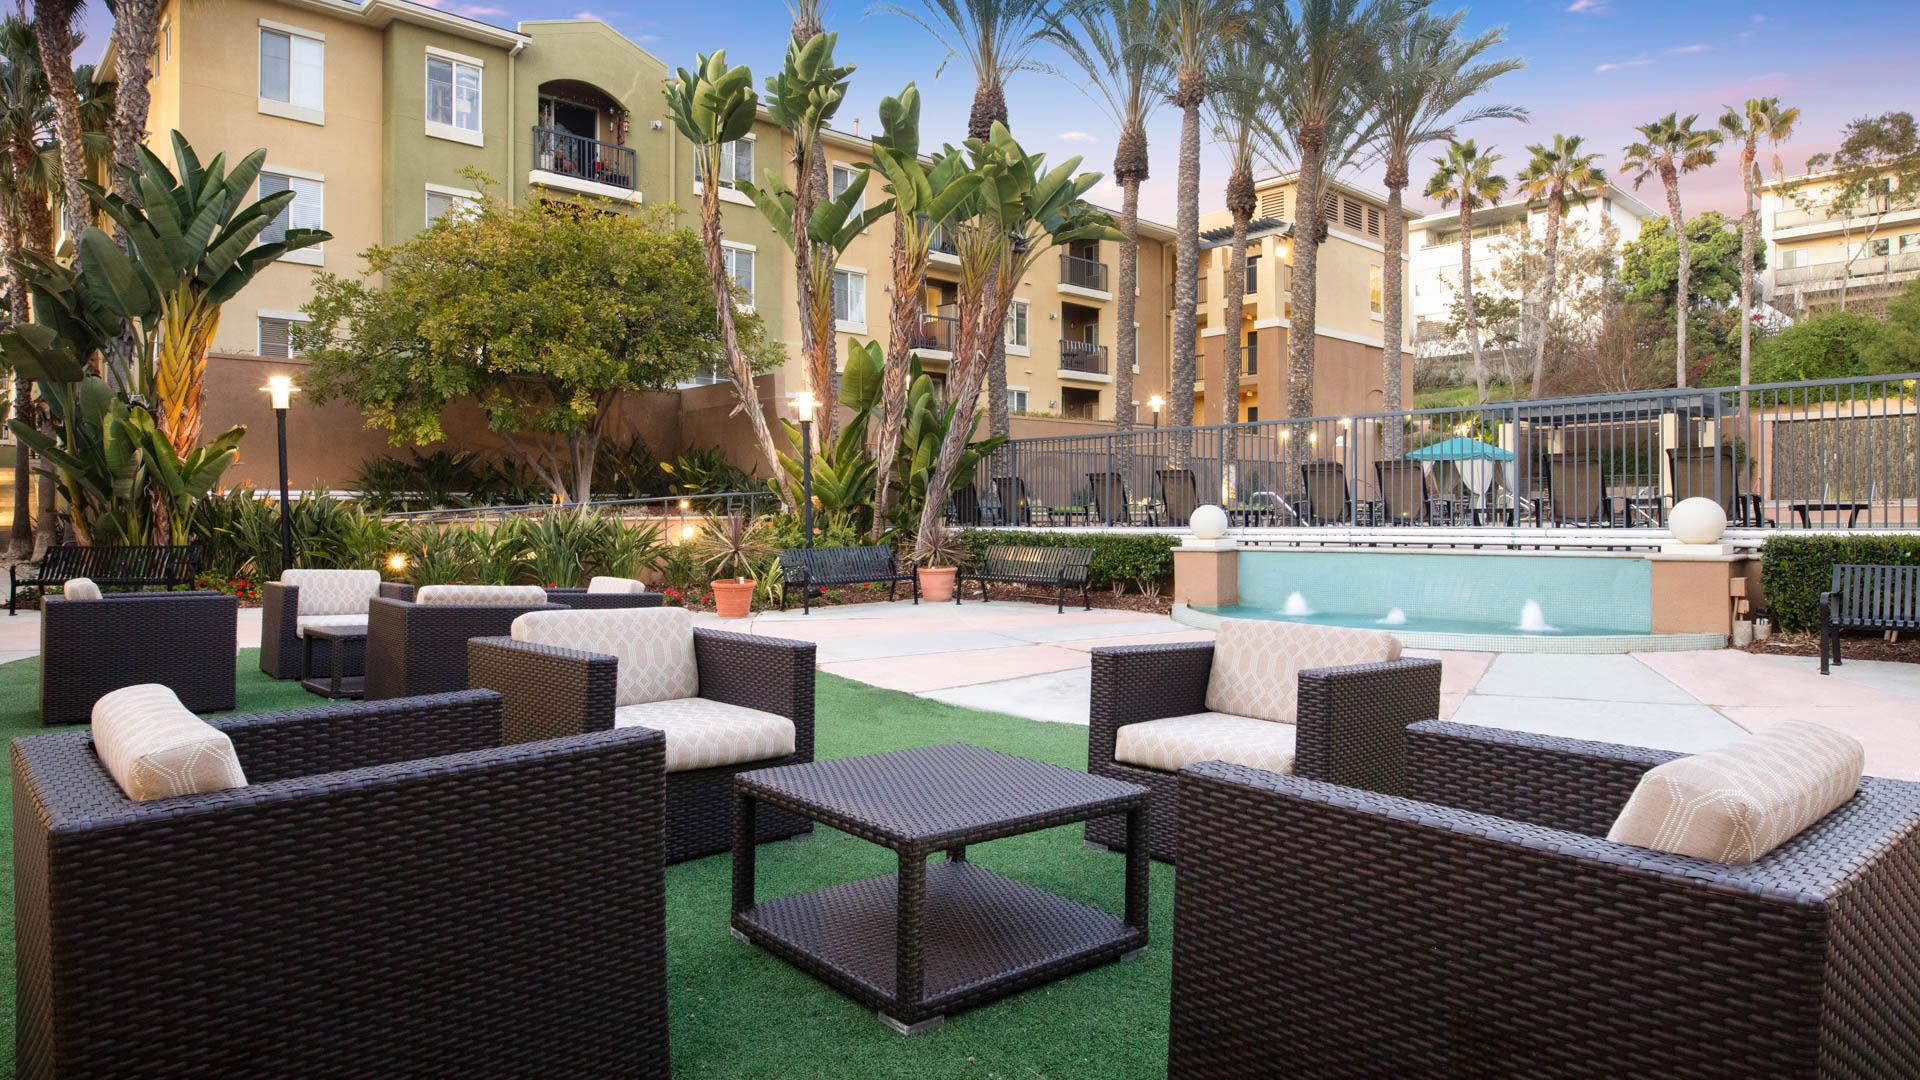 Mariposa at Playa del Rey Apartments - Outdoor Lounge